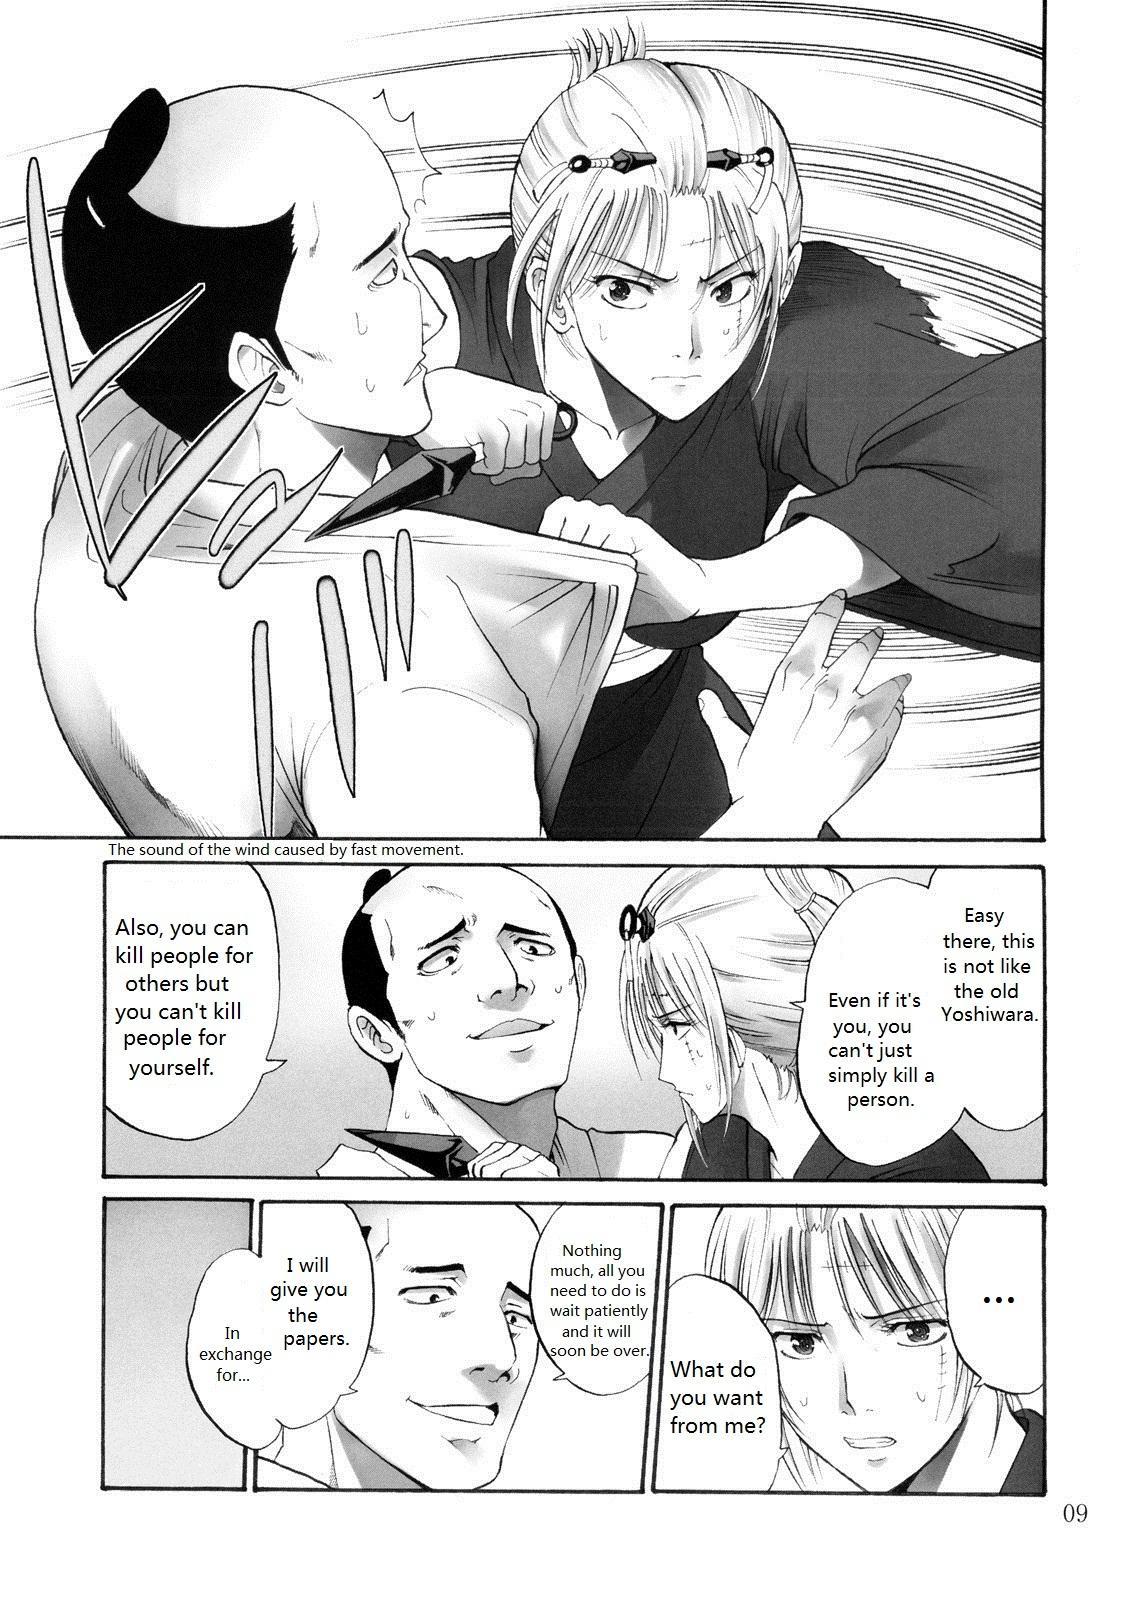 (SC49) [Katsuobushi (Horie)] Tsukuyo-san ga Iyarashii Koto o Sarete Shimau Hanashi -NTR Ryoujoku Hen- [English] [Twilight Sparkle1998] 7